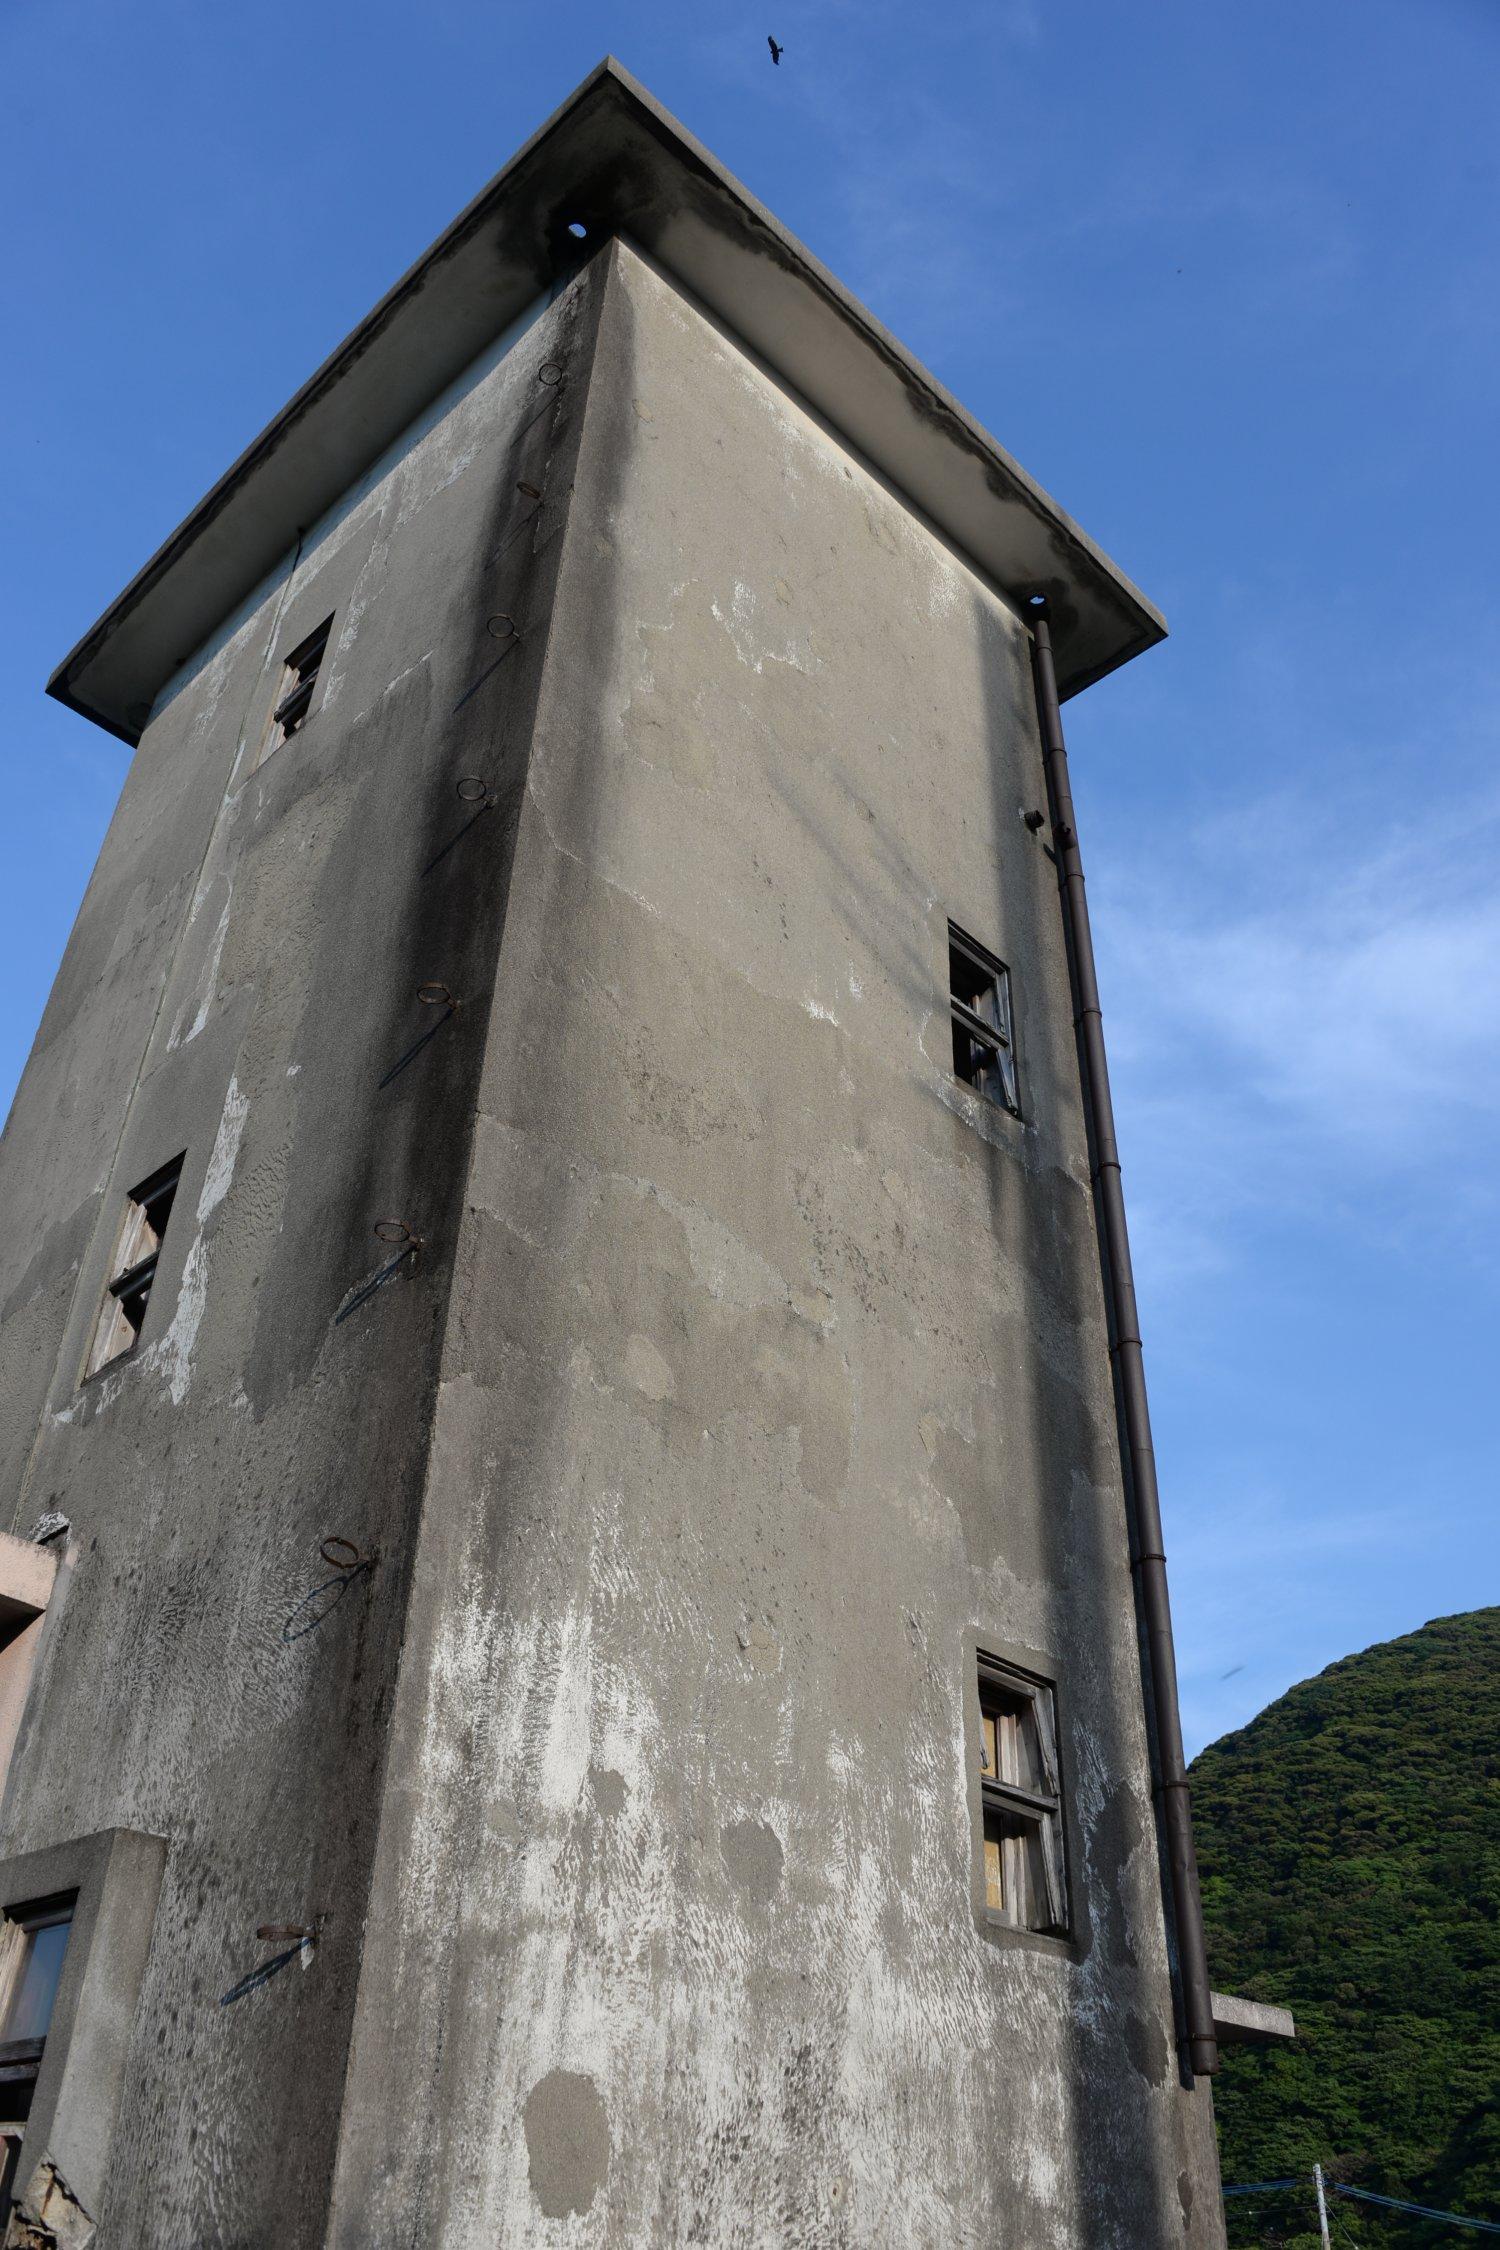 旧測候所の機銃痕。島は近代まで戦乱がほとんどなかったが、空襲で各集落は大きな被害を受けた。